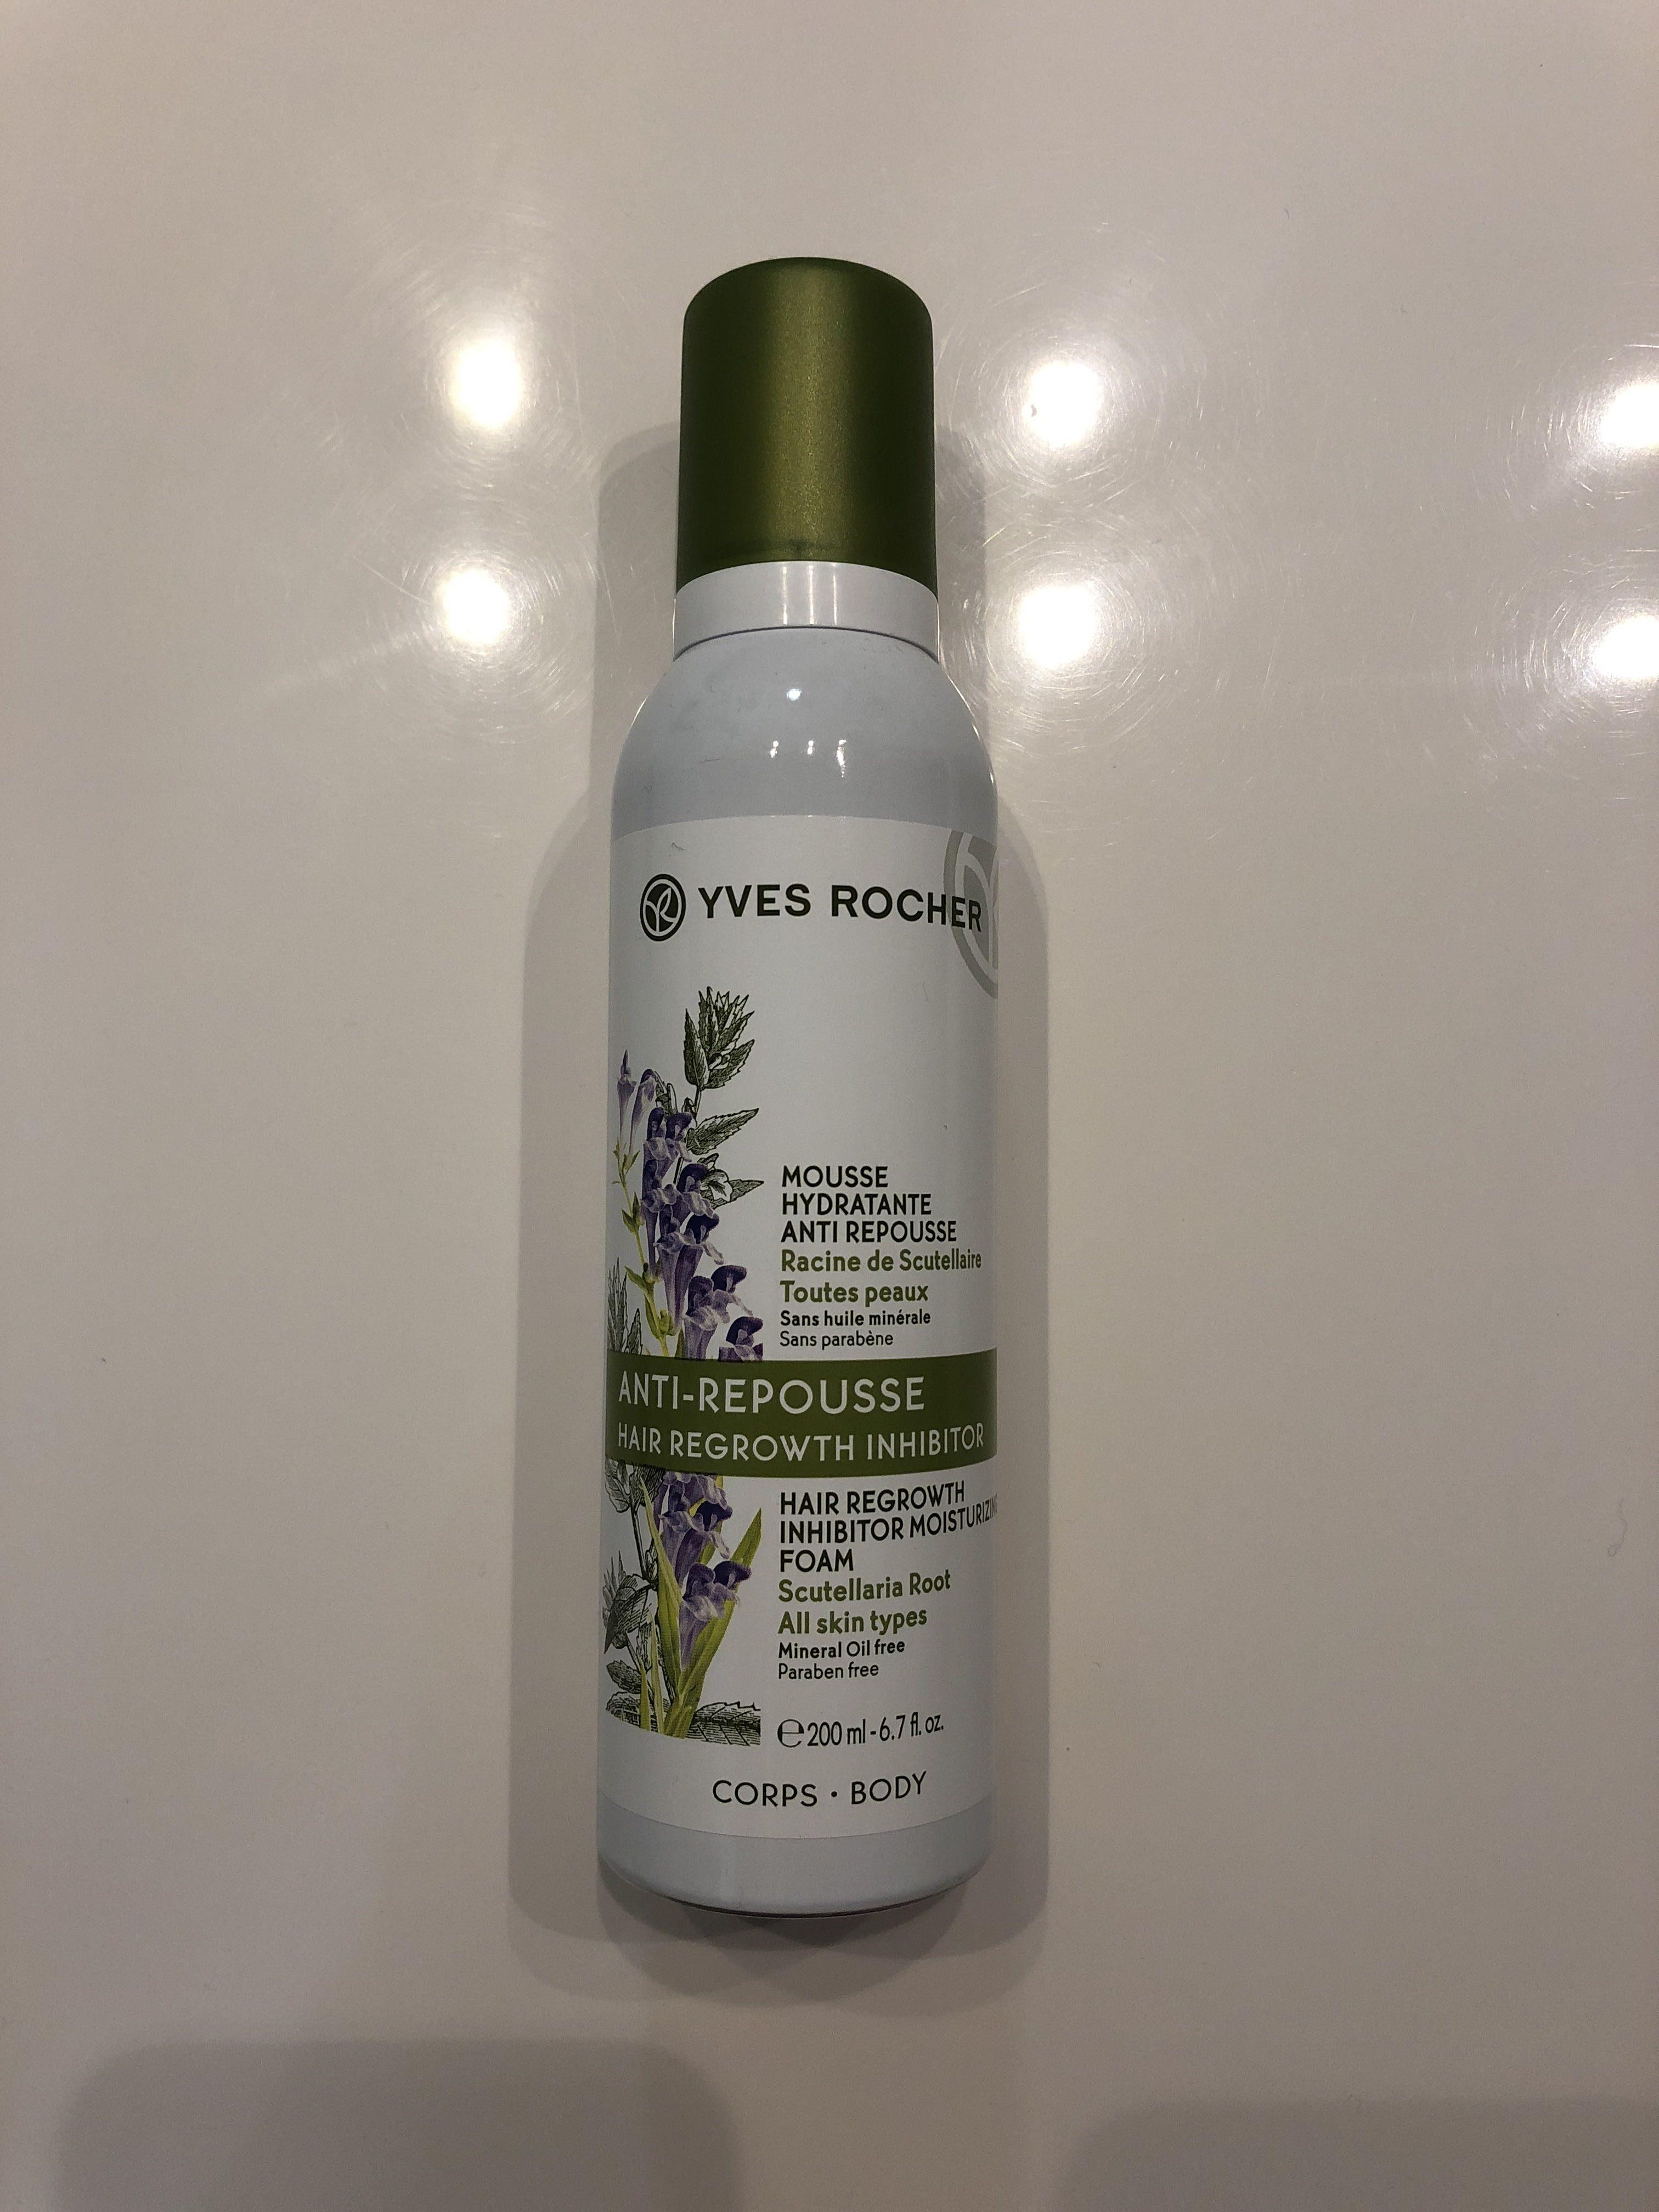 Mousse hydratante anti repousse - Produit